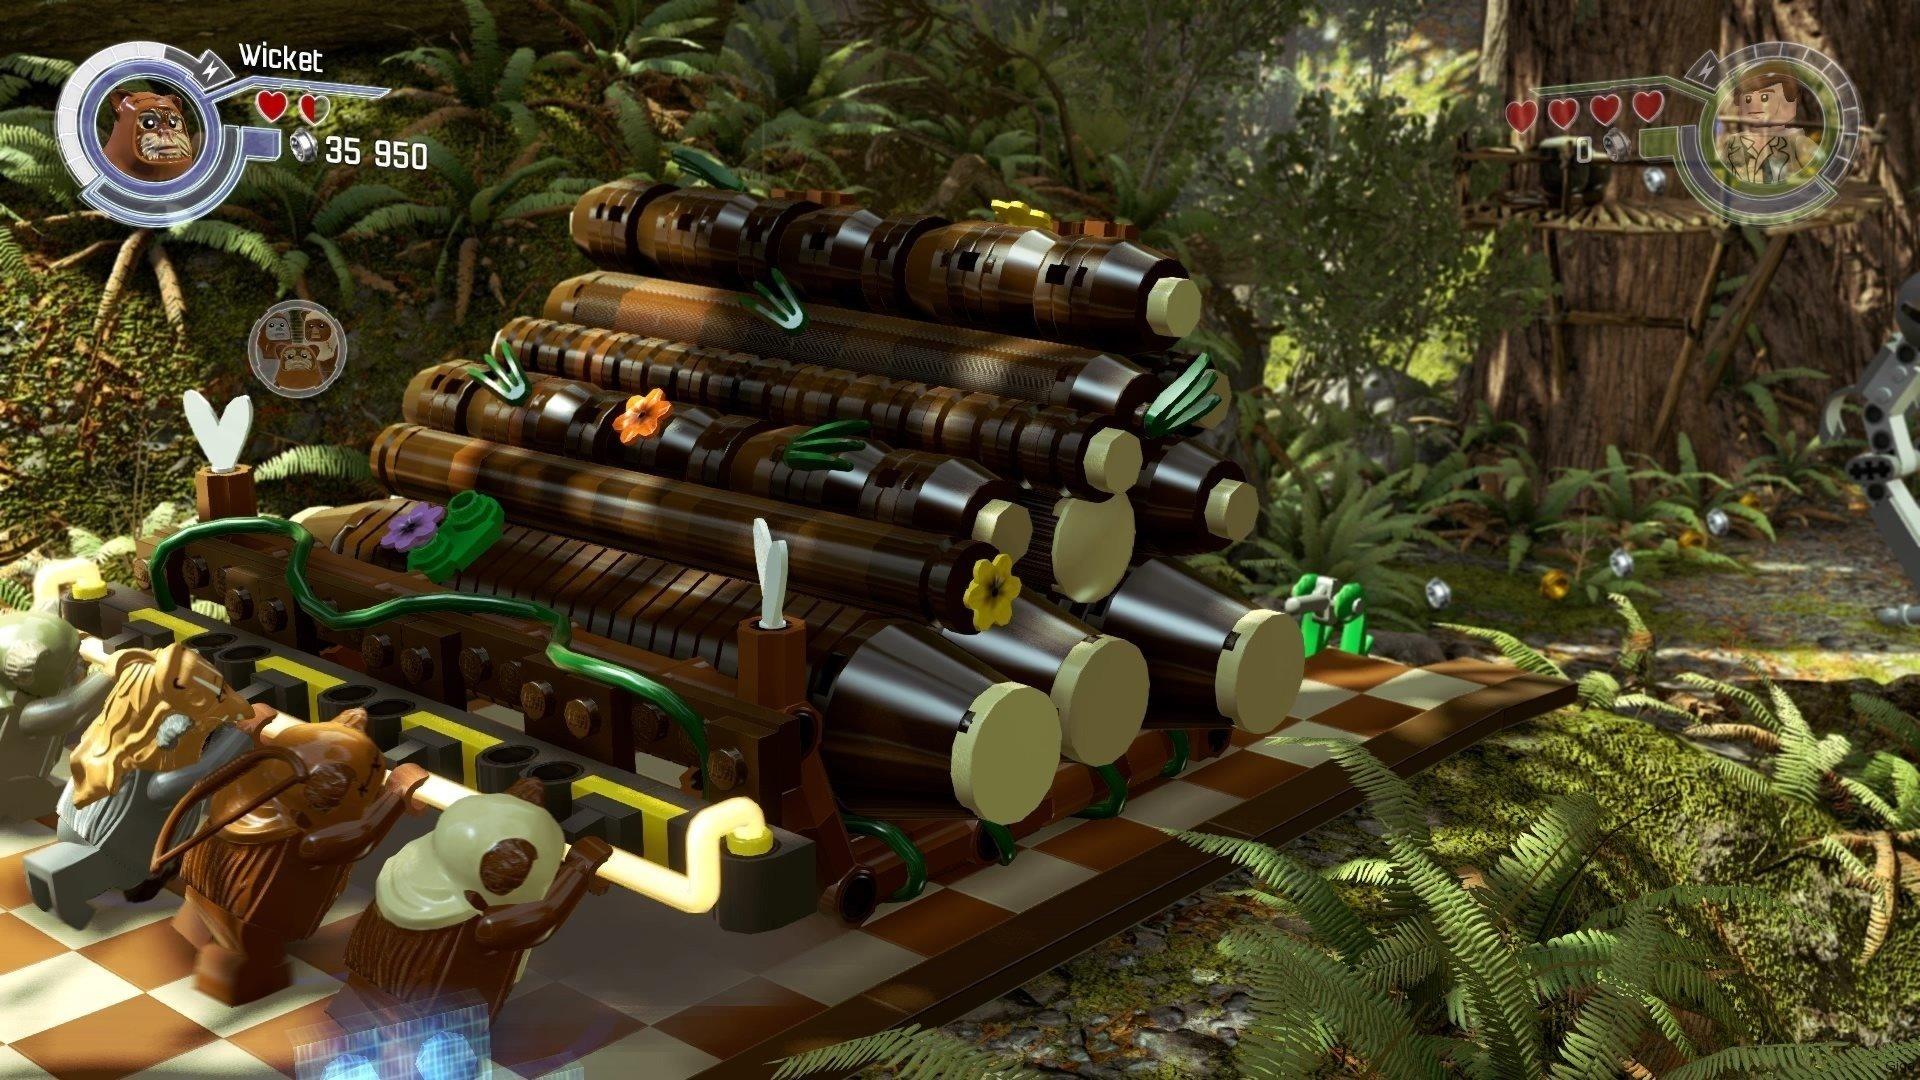 lego-star-wars_-das-erwachen-der-macht_11-rcm1920x0